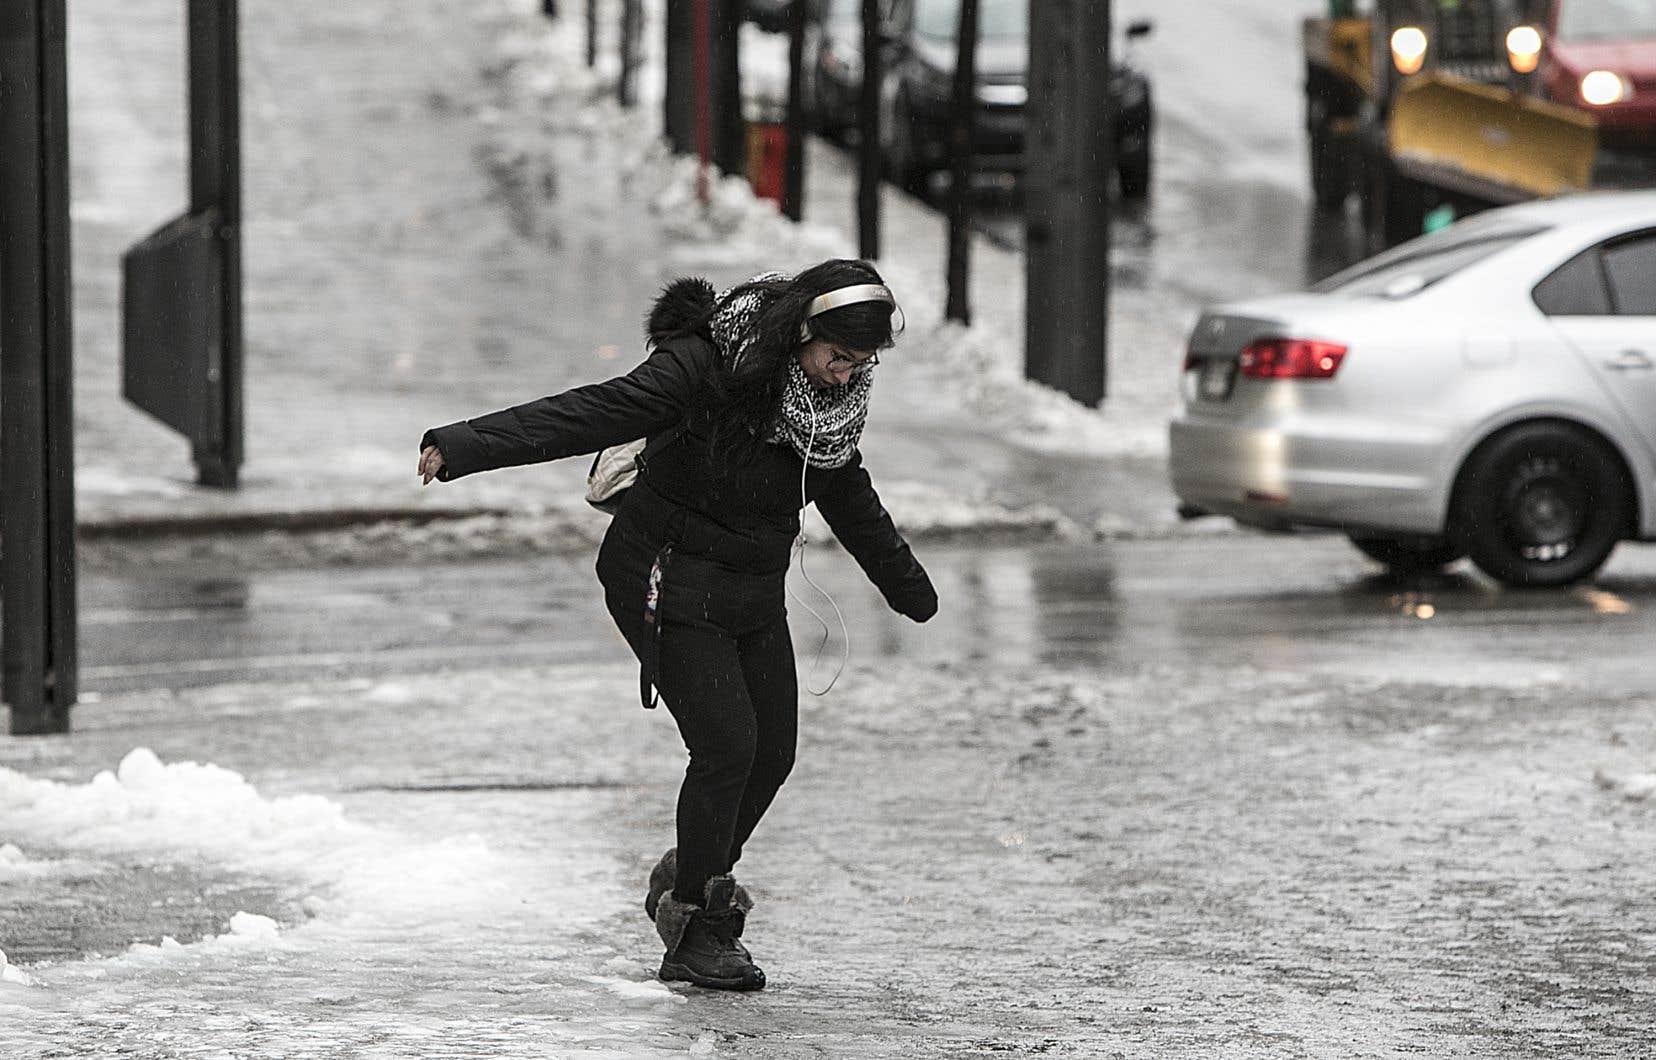 Dans la grande région de Montréal, la pluie verglaçante a rendu la chaussée et les trottoirs très glissants par endroits.